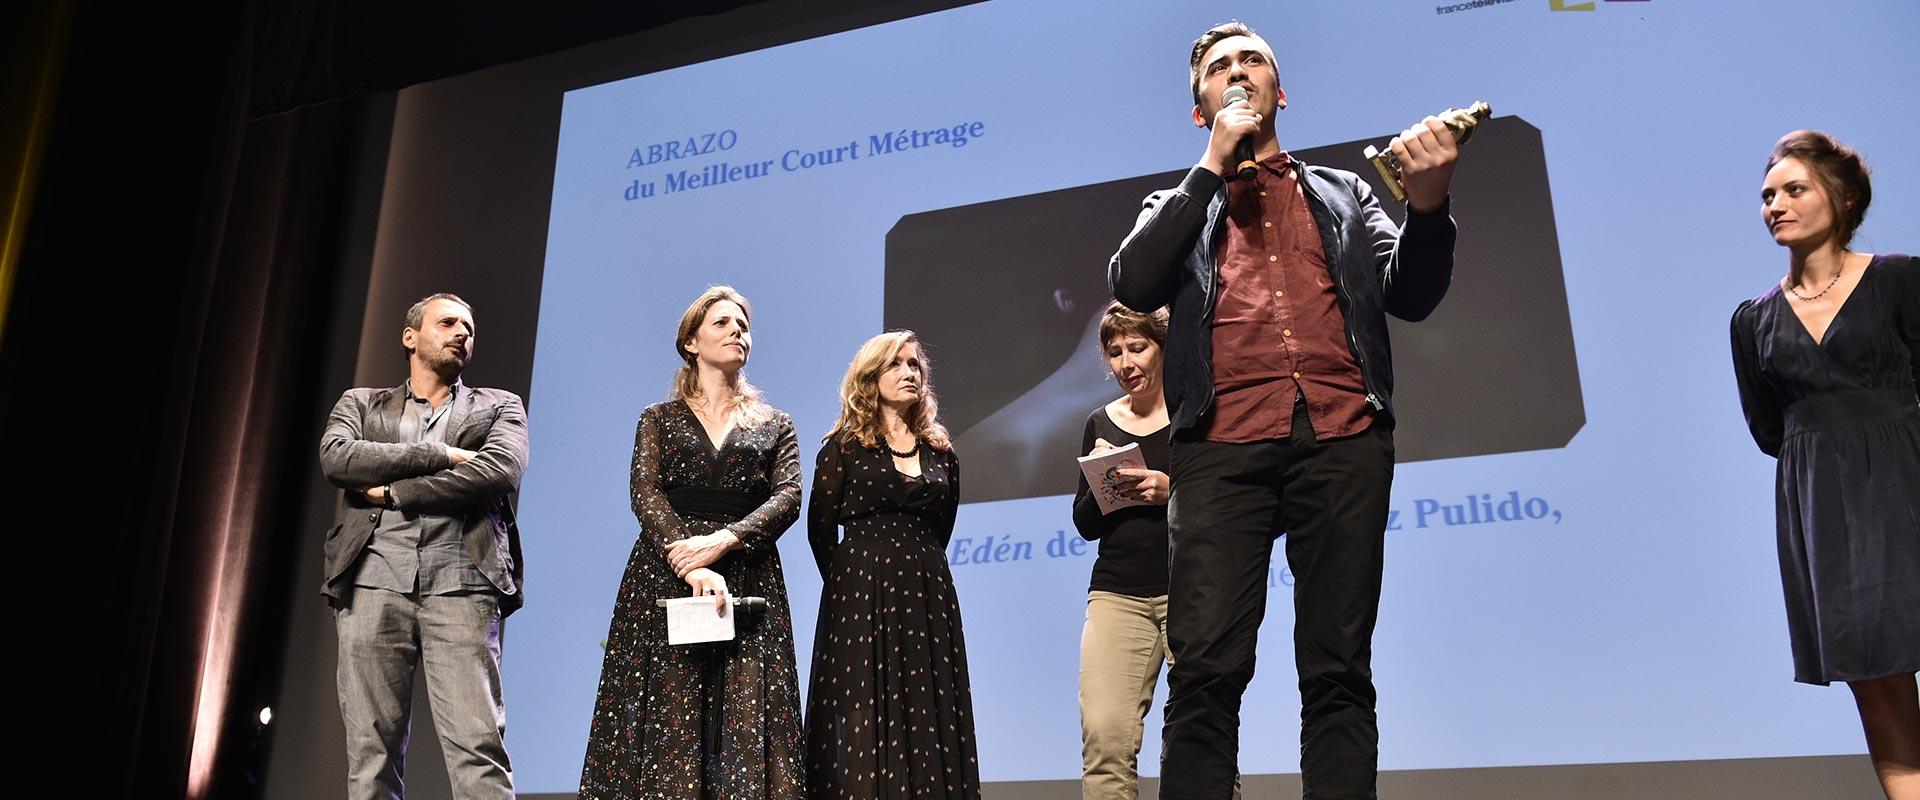 ANDREZ RAMIREZ PULIDO, Abrazo del mejor cortometraje 2016, seleccionado al Festival de Cannes 2017!